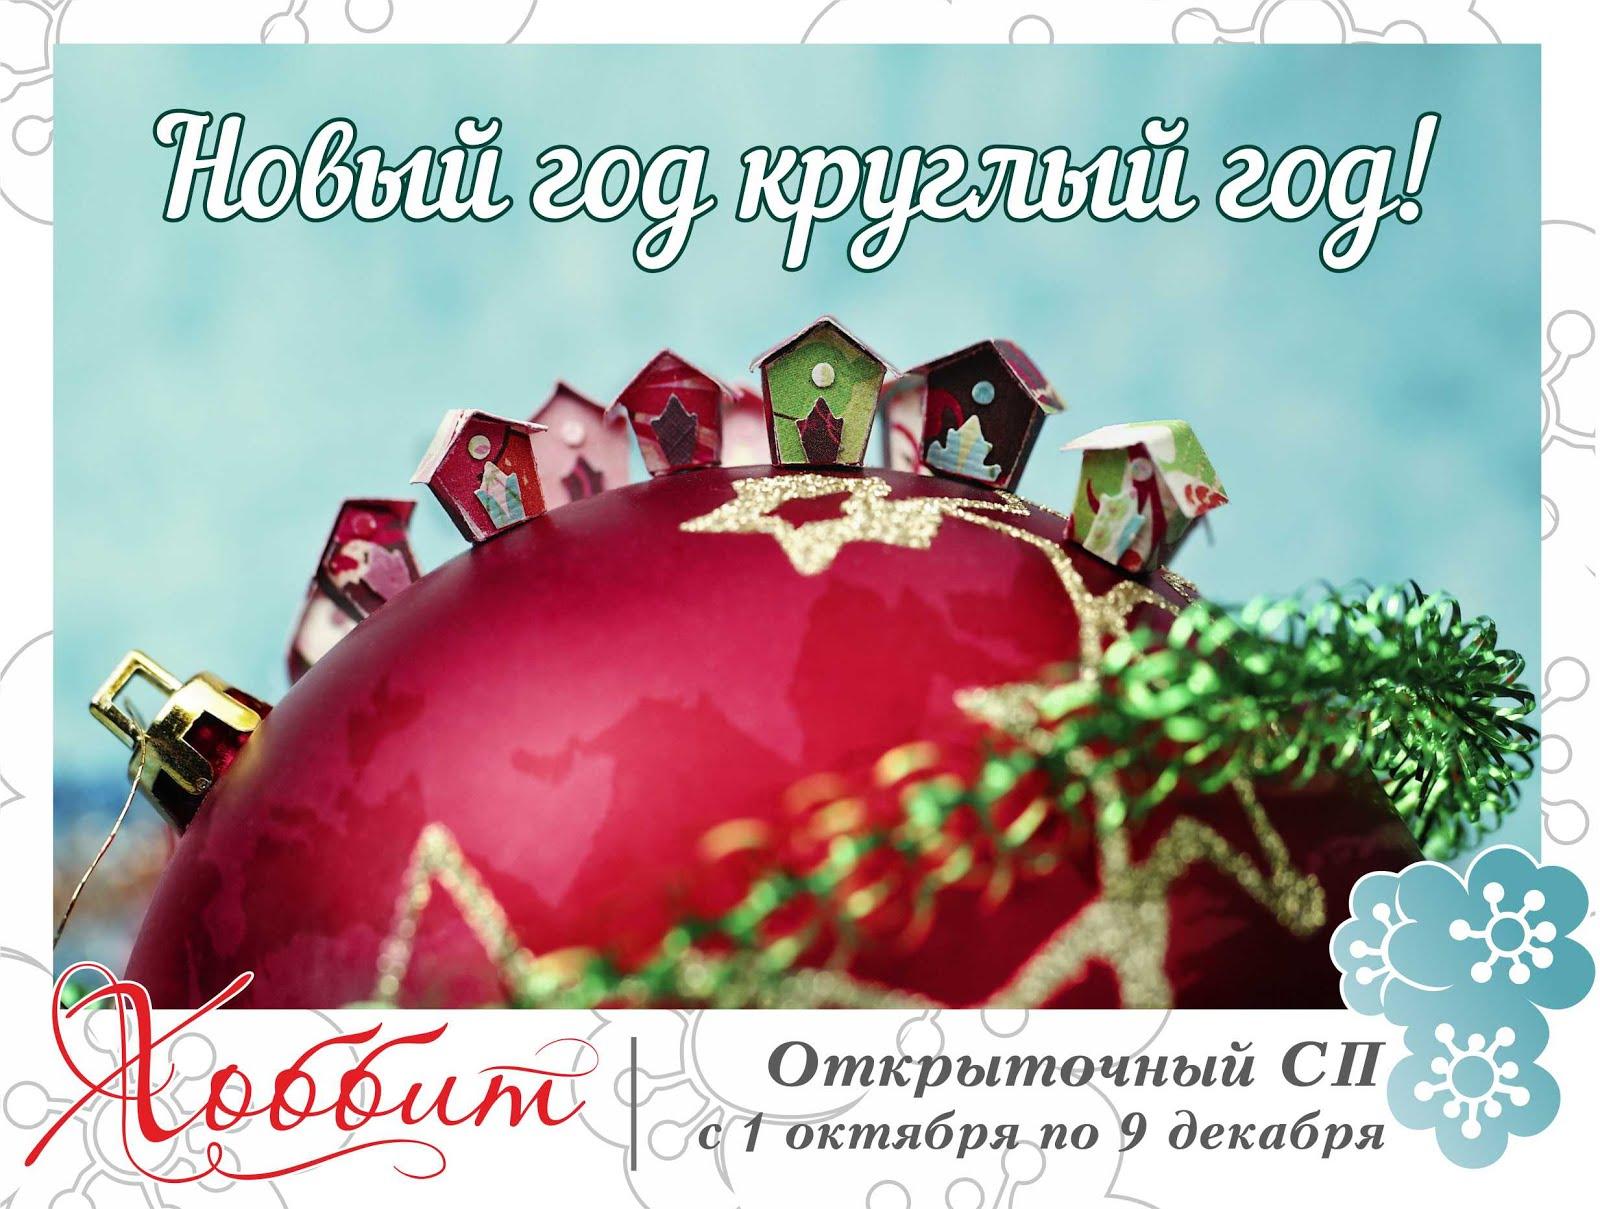 СП «Новый год круглый год»